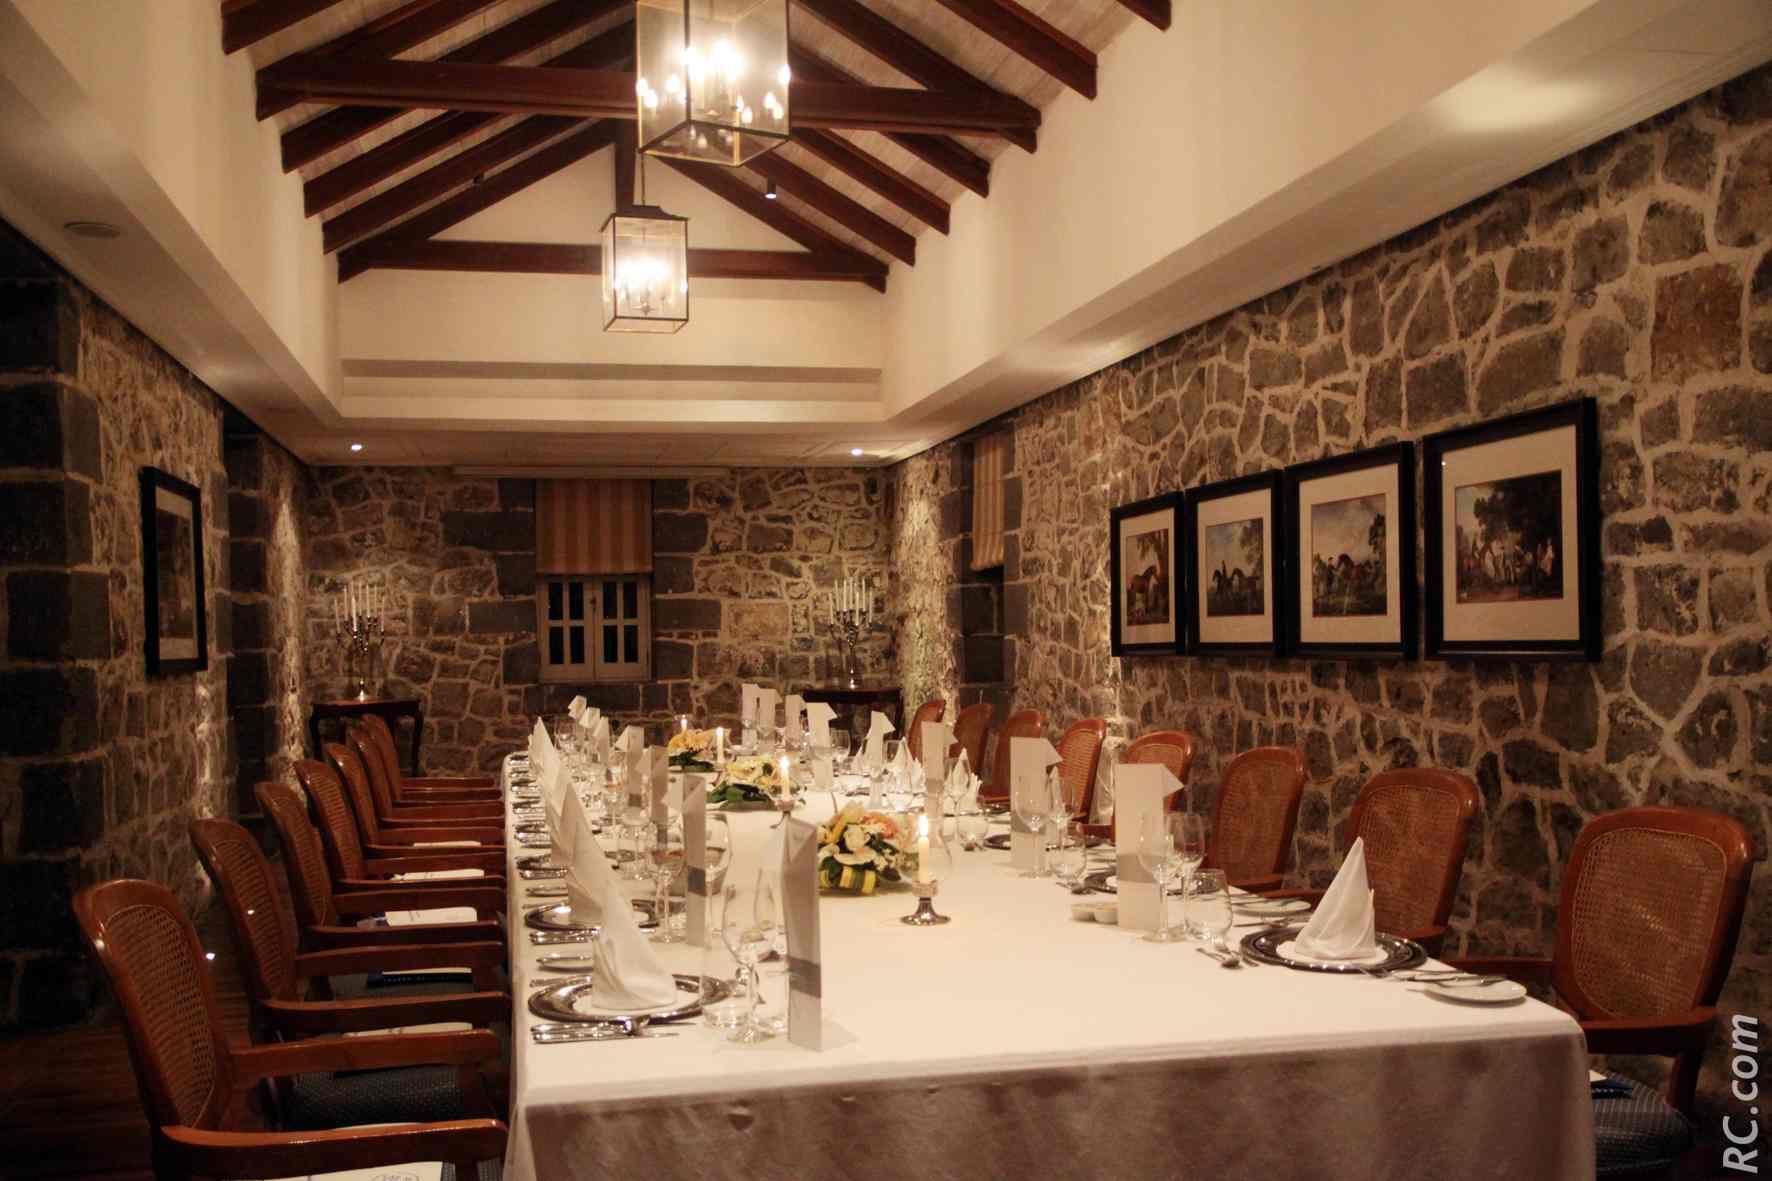 Ici au Château Mon Désir, de nombreuses personnalités ont dîné. On en cite quelques unes: la Princesse Royale d'Angleterre,  François Mitterand,  Lara Fabian, des stars hollywoodiennes, tel que Shah Rukh Khan...